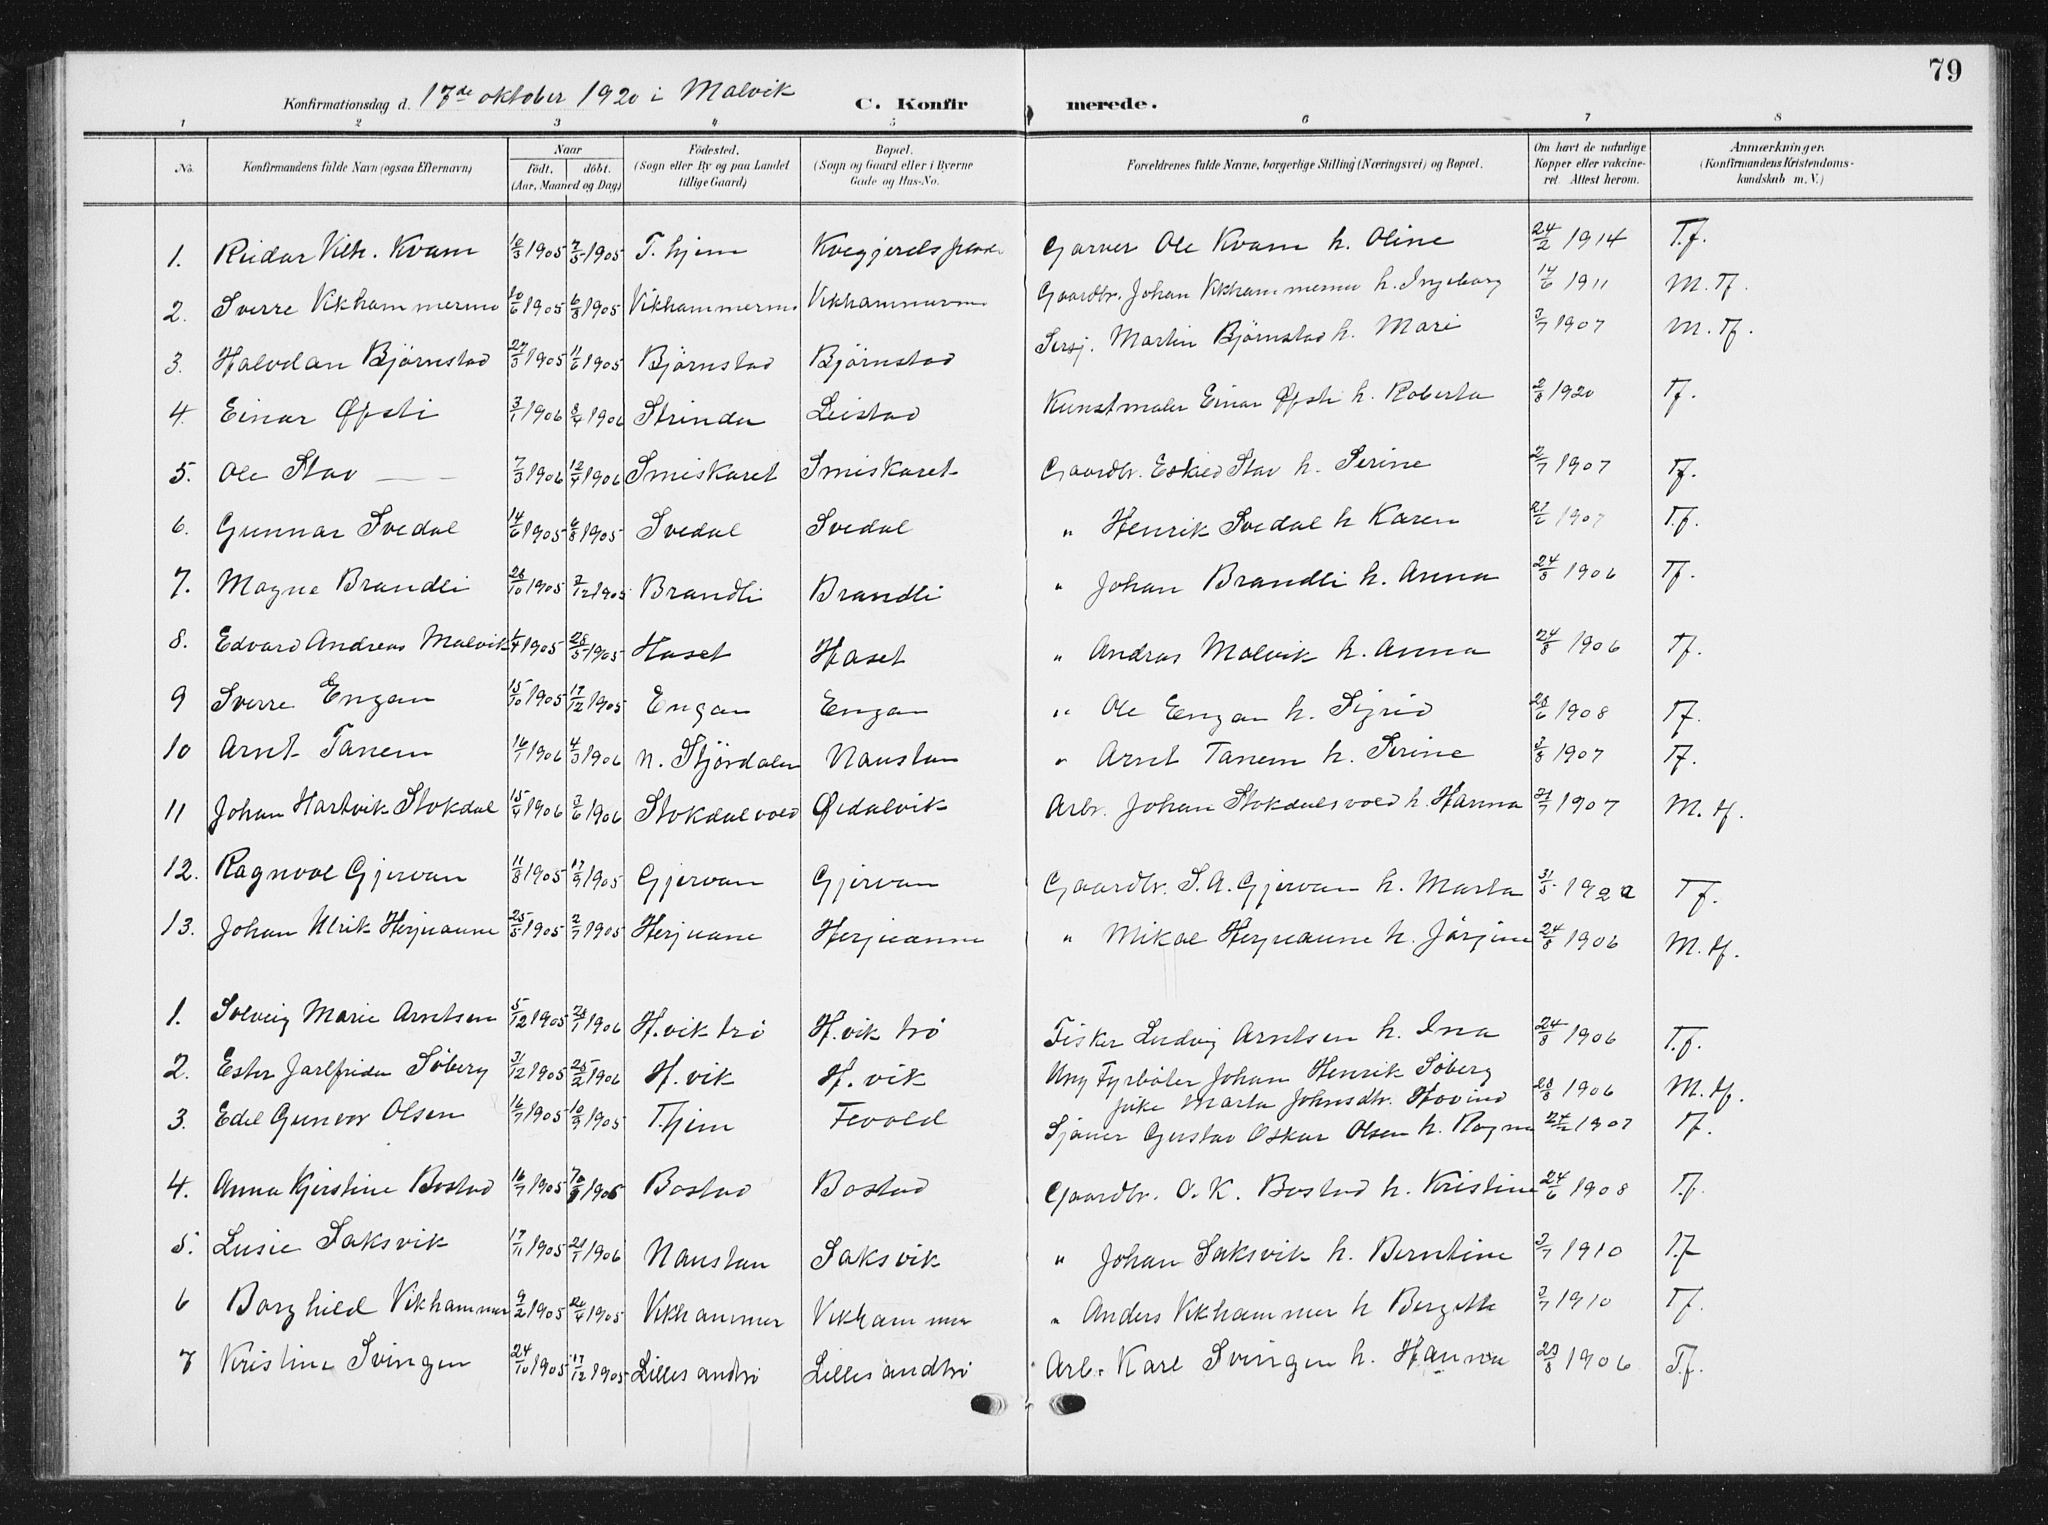 SAT, Ministerialprotokoller, klokkerbøker og fødselsregistre - Sør-Trøndelag, 616/L0424: Klokkerbok nr. 616C07, 1904-1940, s. 79